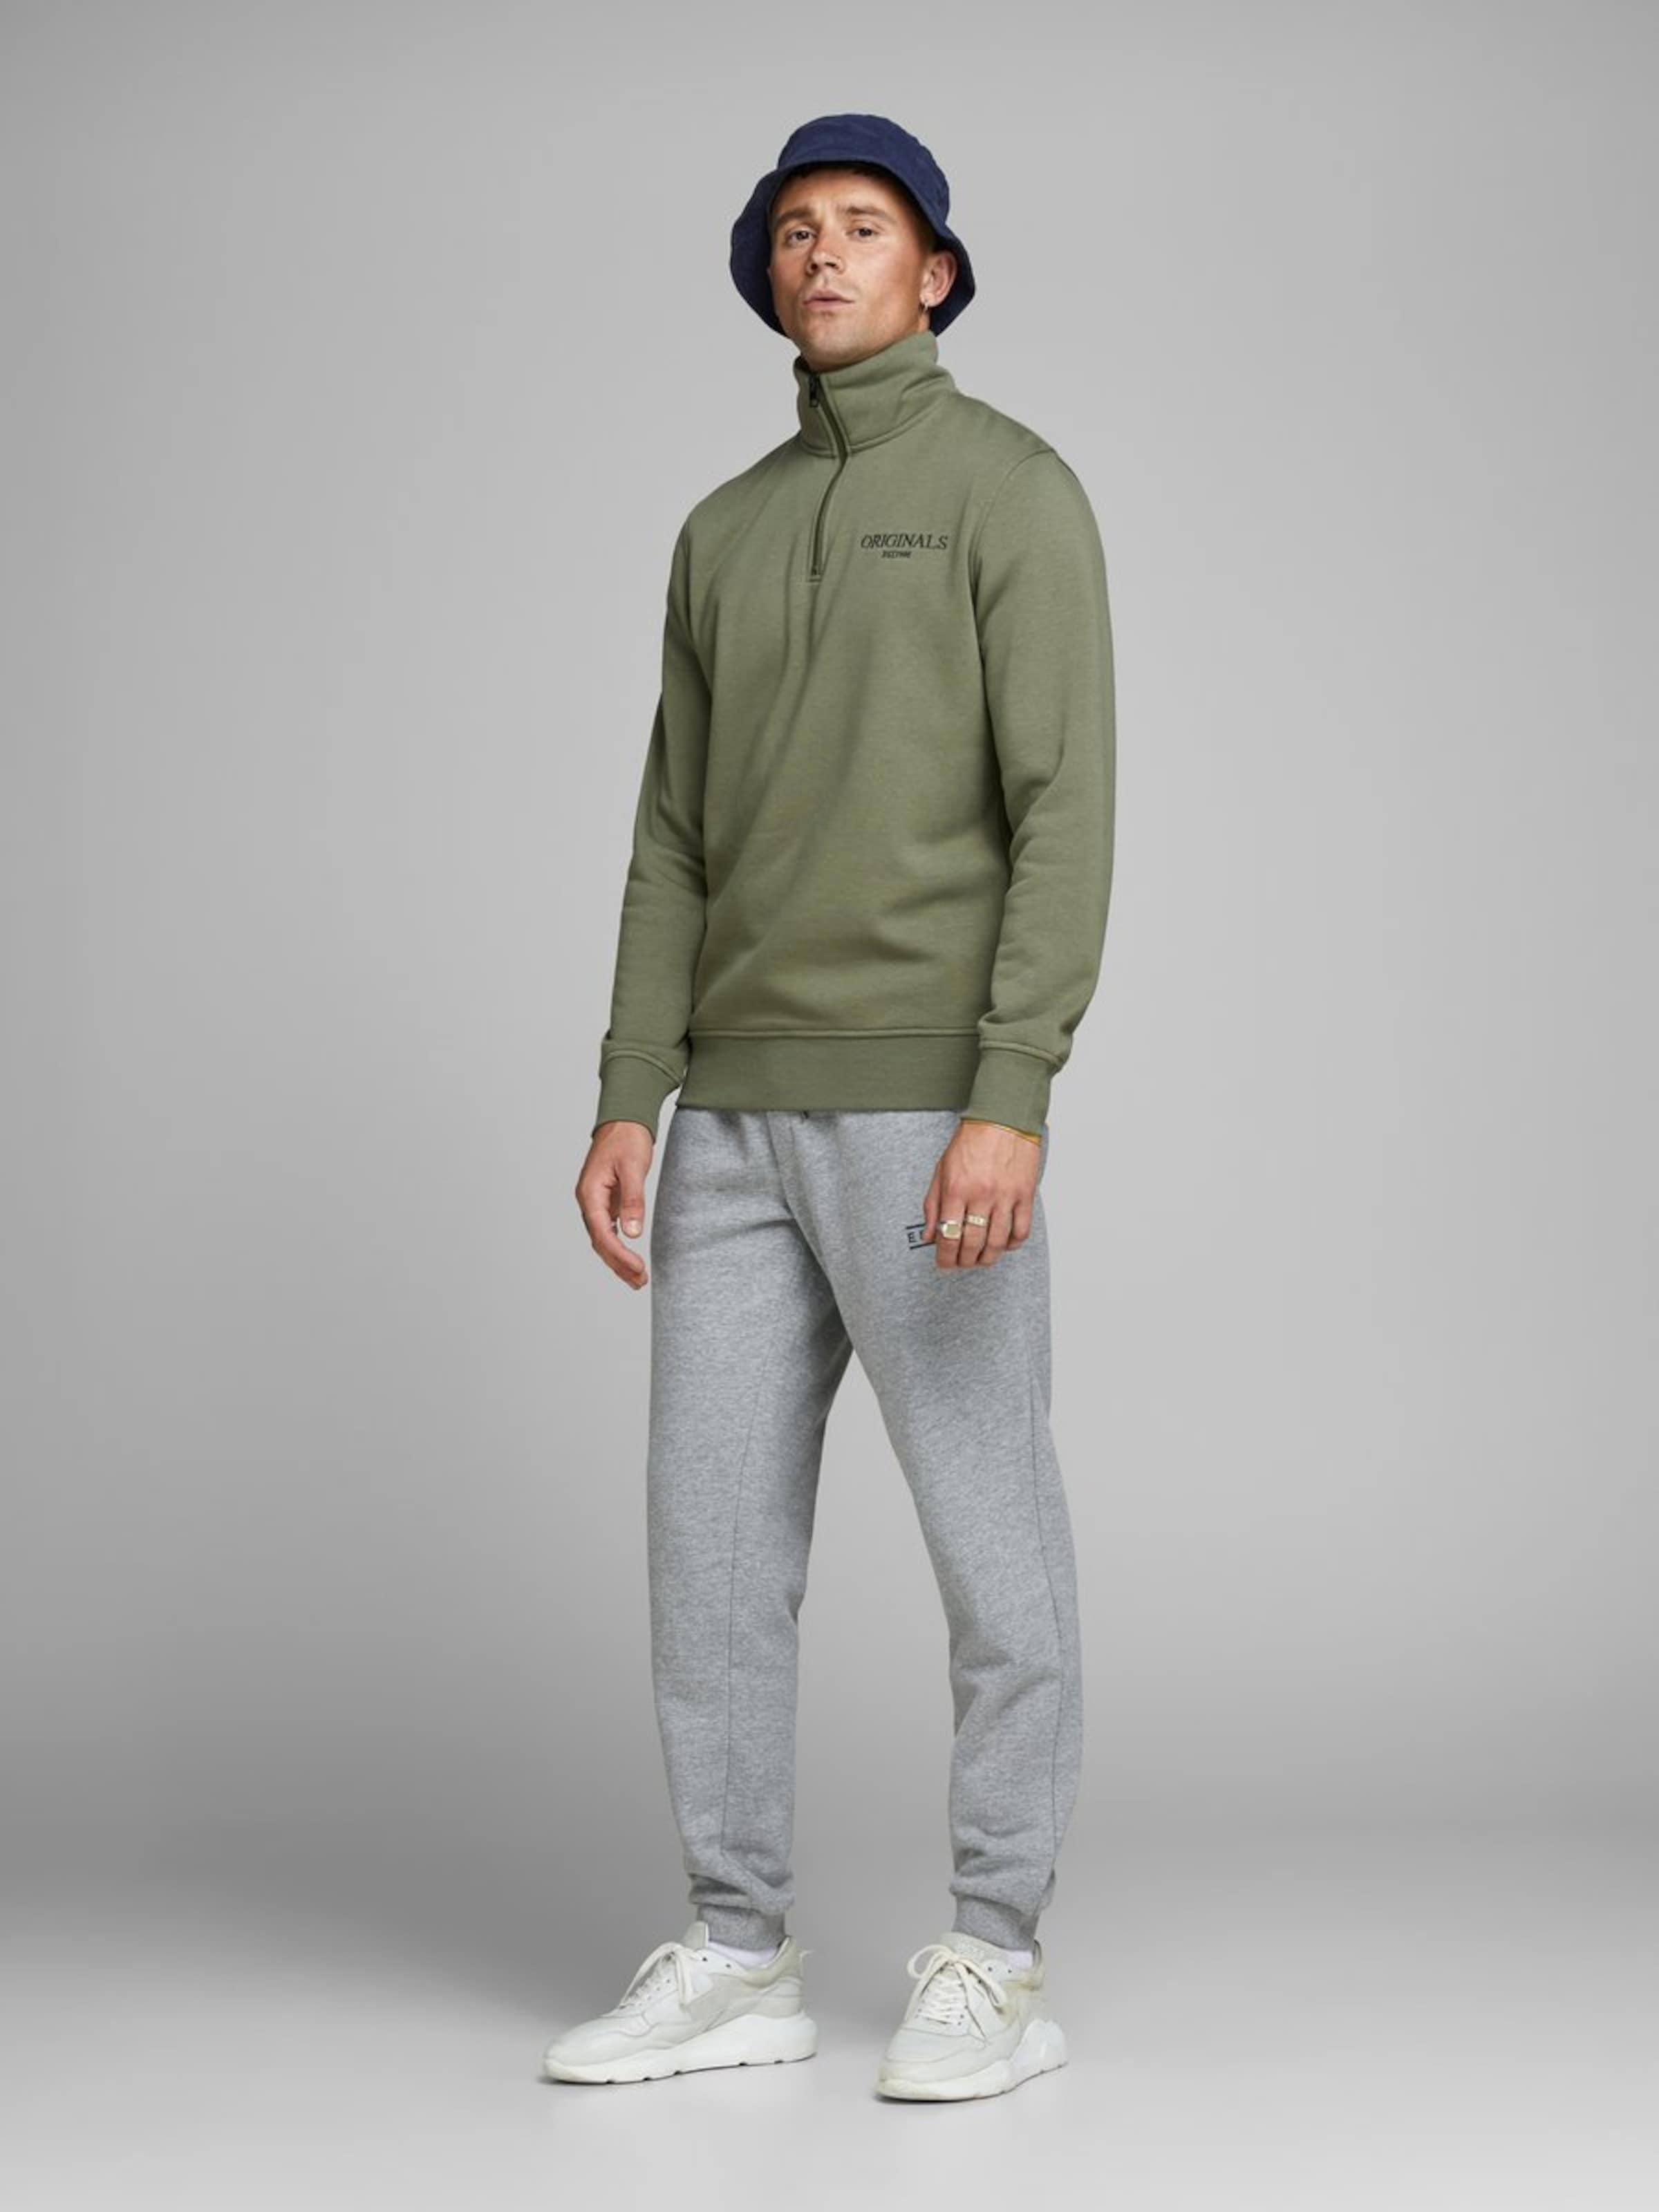 Sweatshirt Khaki In Jones Jackamp; Jackamp; xBrCoed